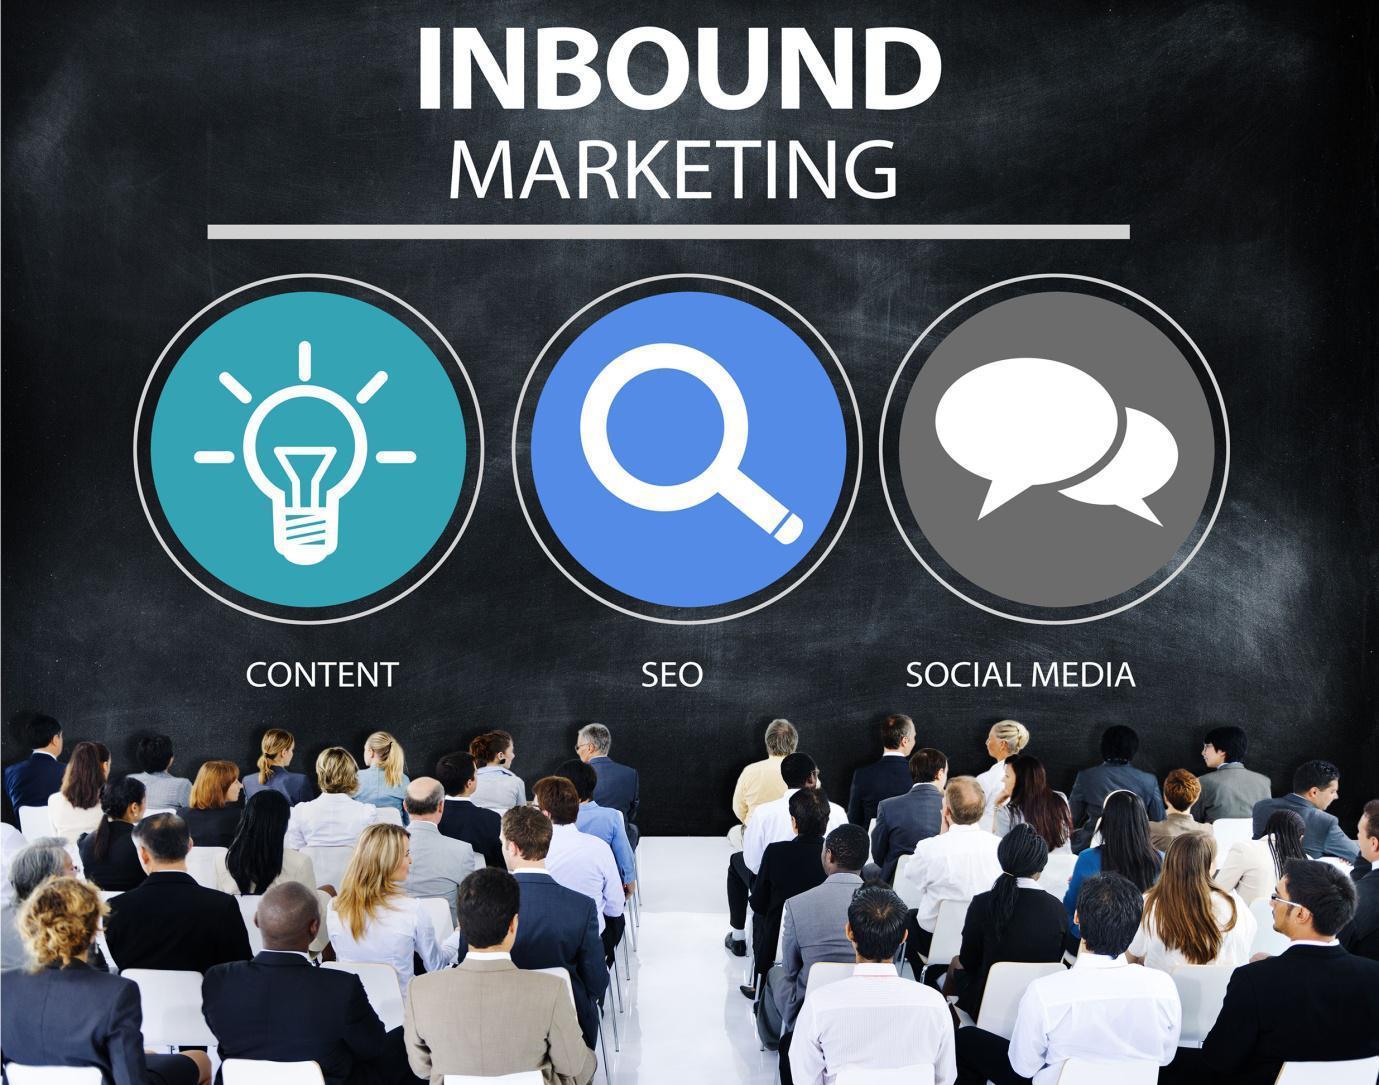 Build Your Brand via Inbound Marketing